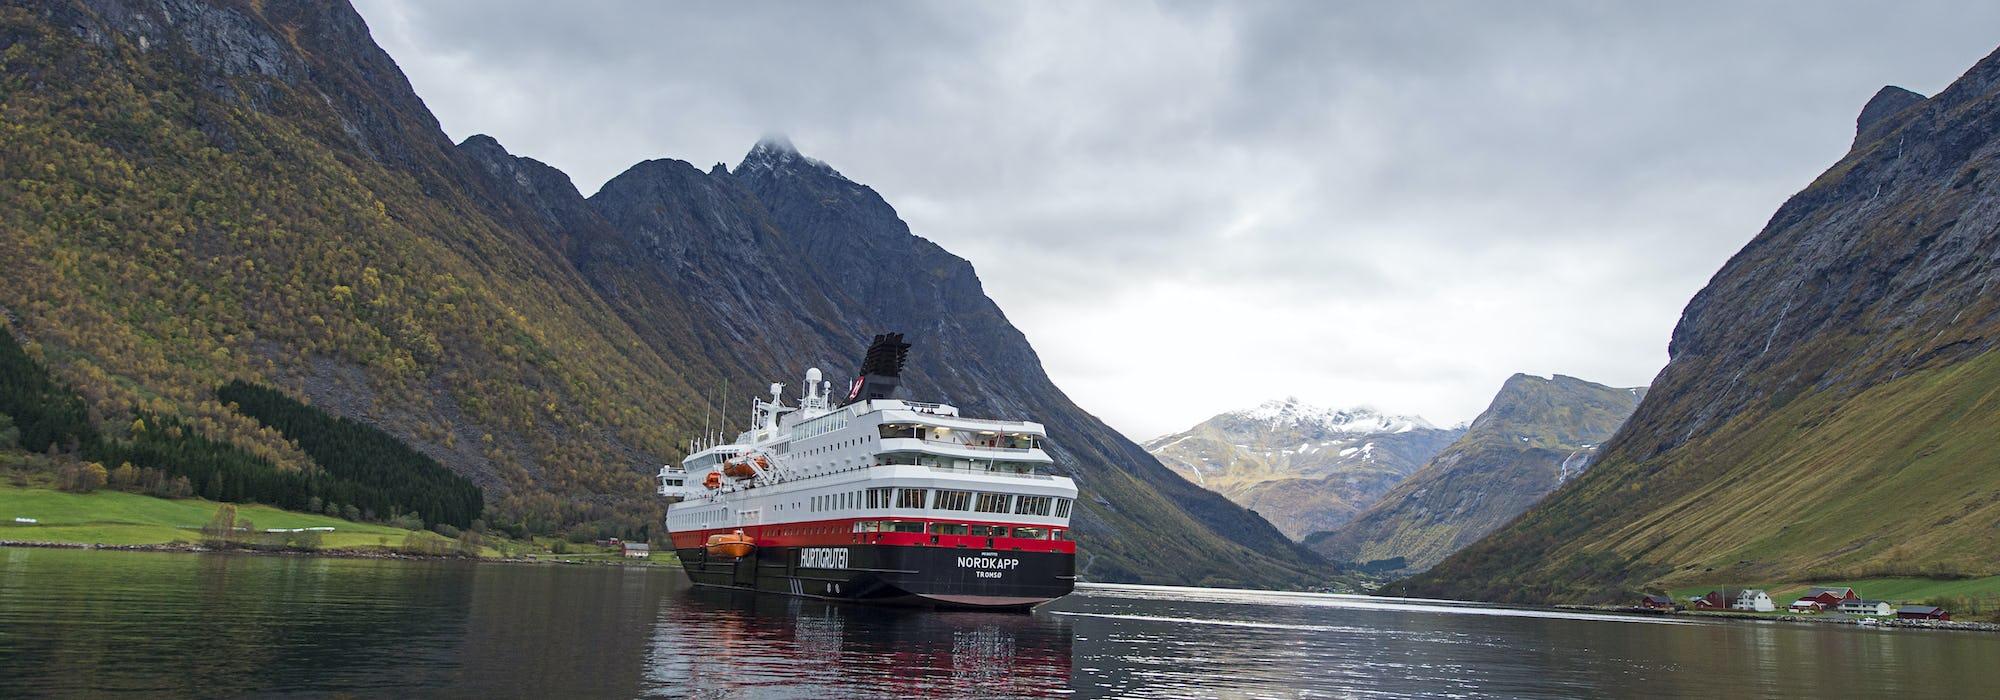 MS Nordkapp glider stilla genom de Norska fjordarna och dess vackra natur med berg runtomkring.